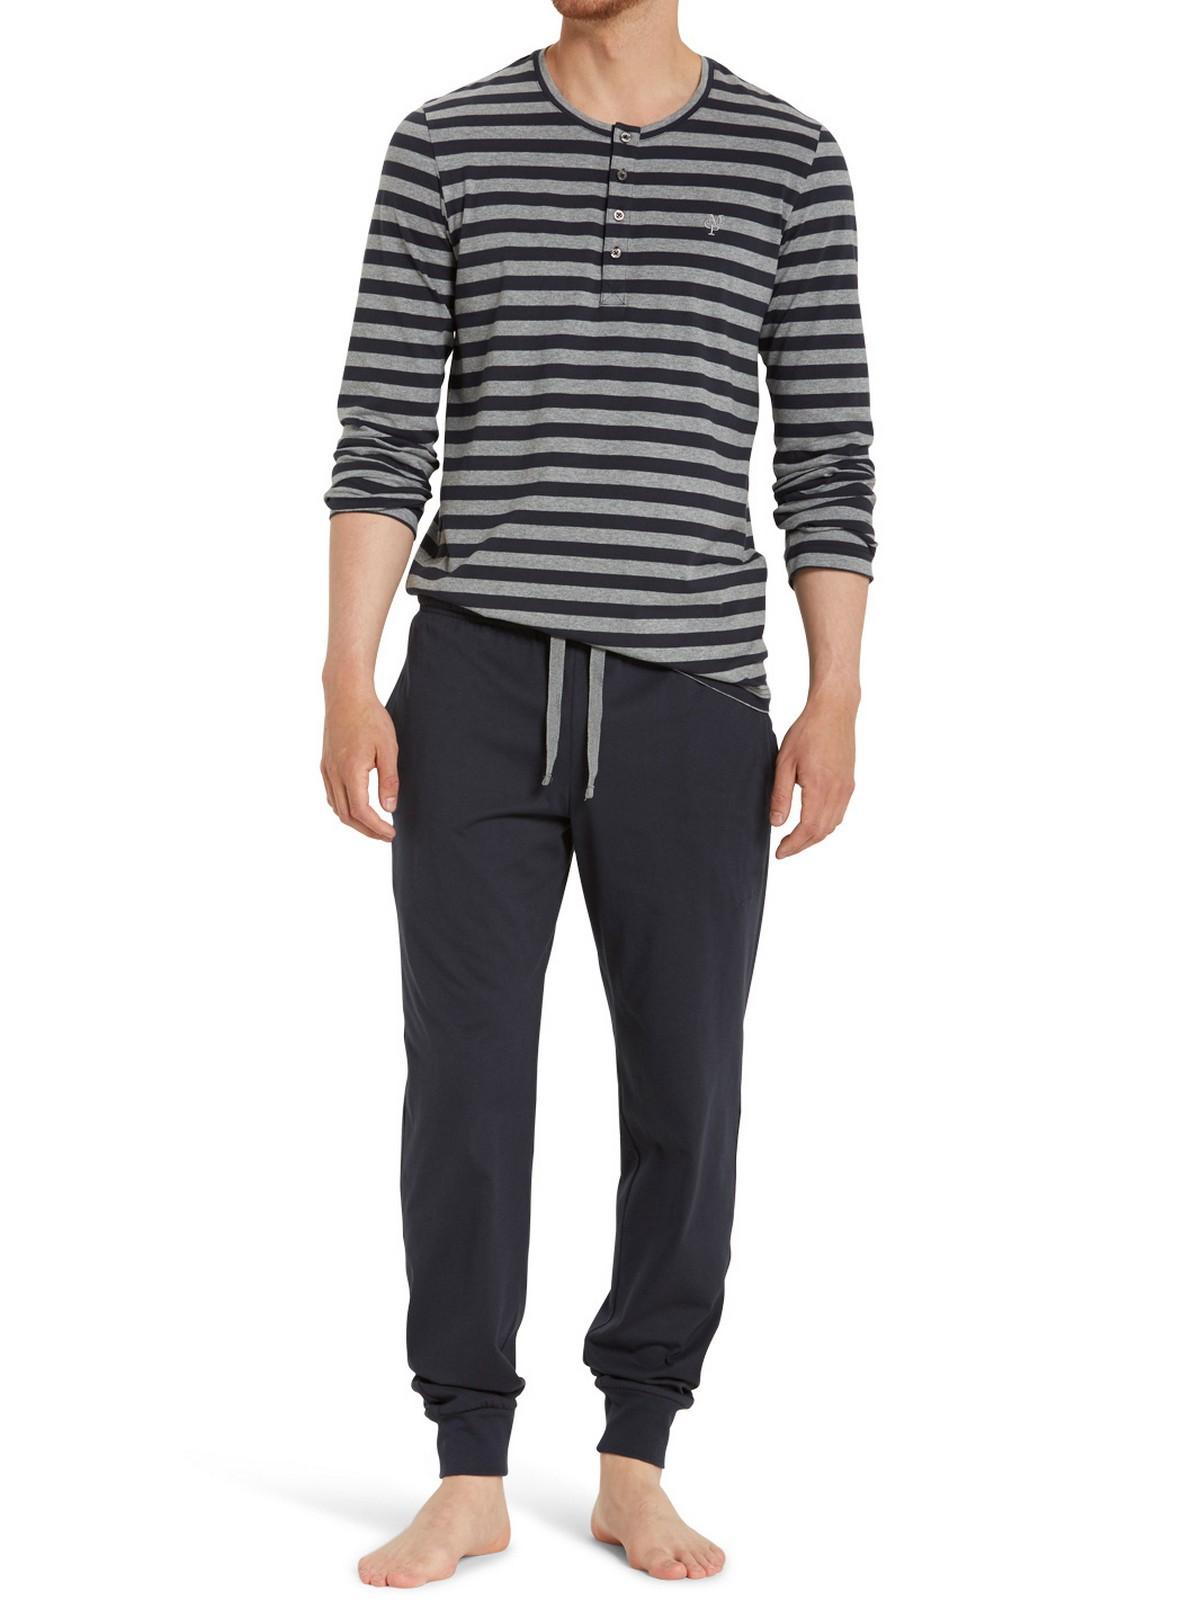 wholesale dealer 053b2 59c07 Marc O'Polo Herren langer Schlafanzug Pyjama Lang Henley - 154529 | KAPS -  Wäsche & mehr - Schiesser - Marc O'Polo - Seidensticker - Lacoste